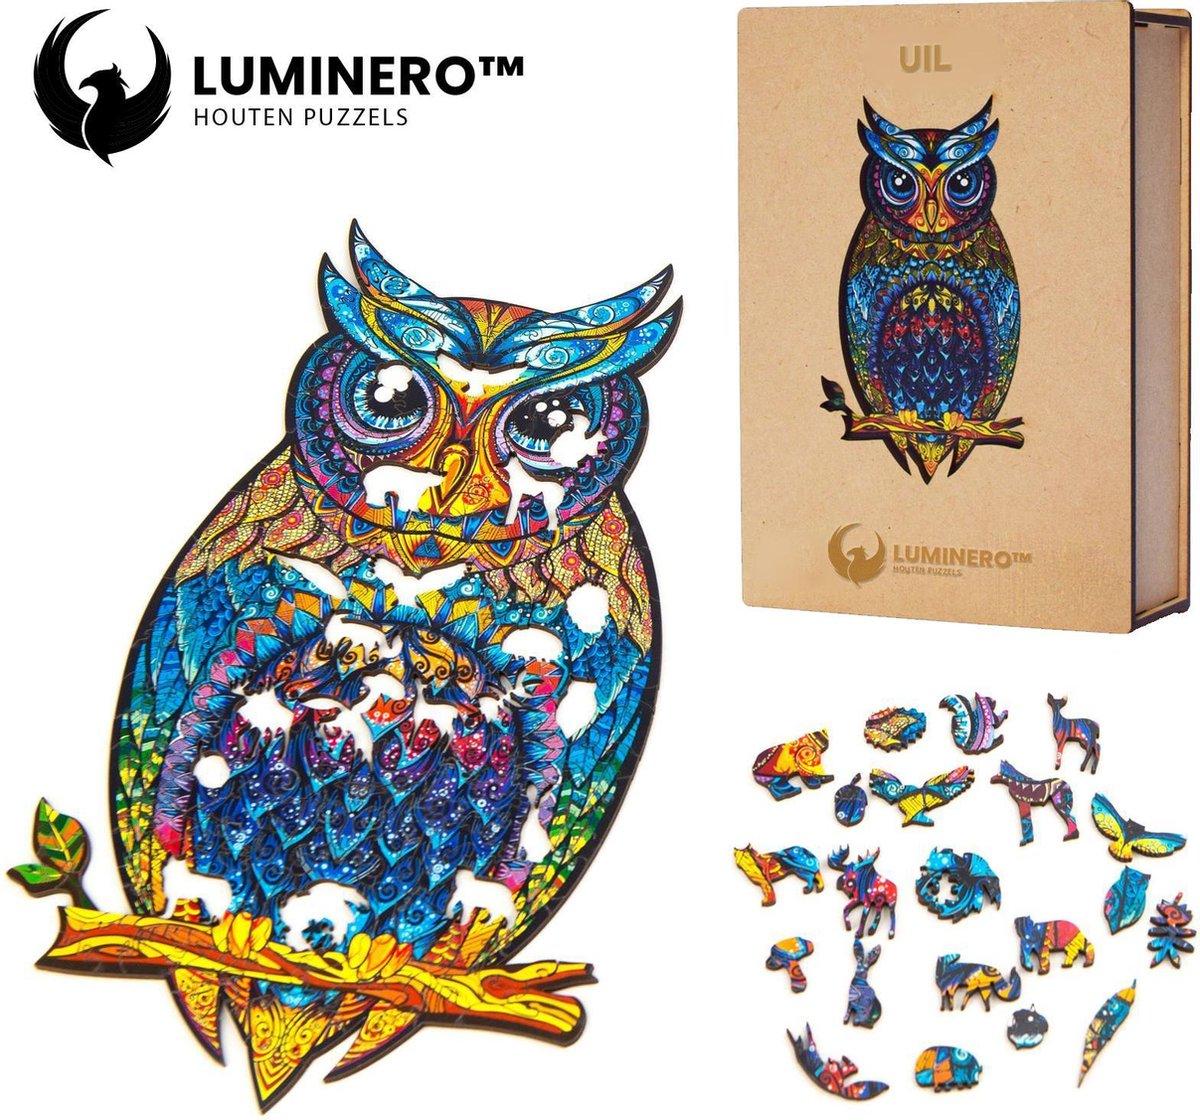 Luminero™ Houten Uil Jigsaw Puzzel - A5 Formaat Jigsaw - Unieke 3D Puzzels - Huisdecoratie - Wooden Puzzle - Volwassenen & Kinderen - Incl. Houten Doos